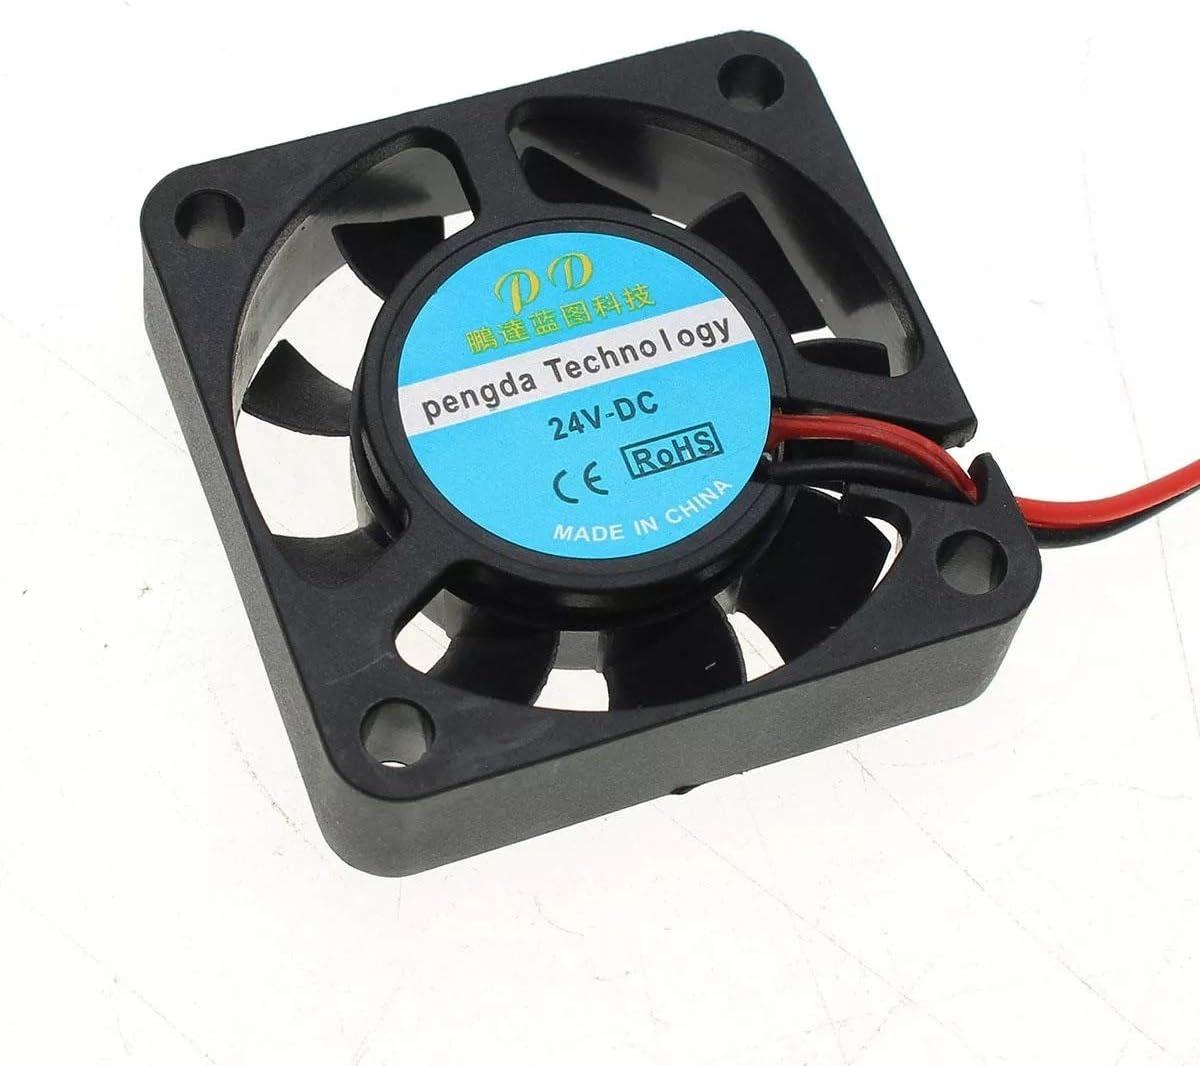 Nrthtri smt 5pcs Original Hiland Heat Sink Mounting Screws Kit for 0-30V 0-28V Universal Power Supply Eater Cooling Fan